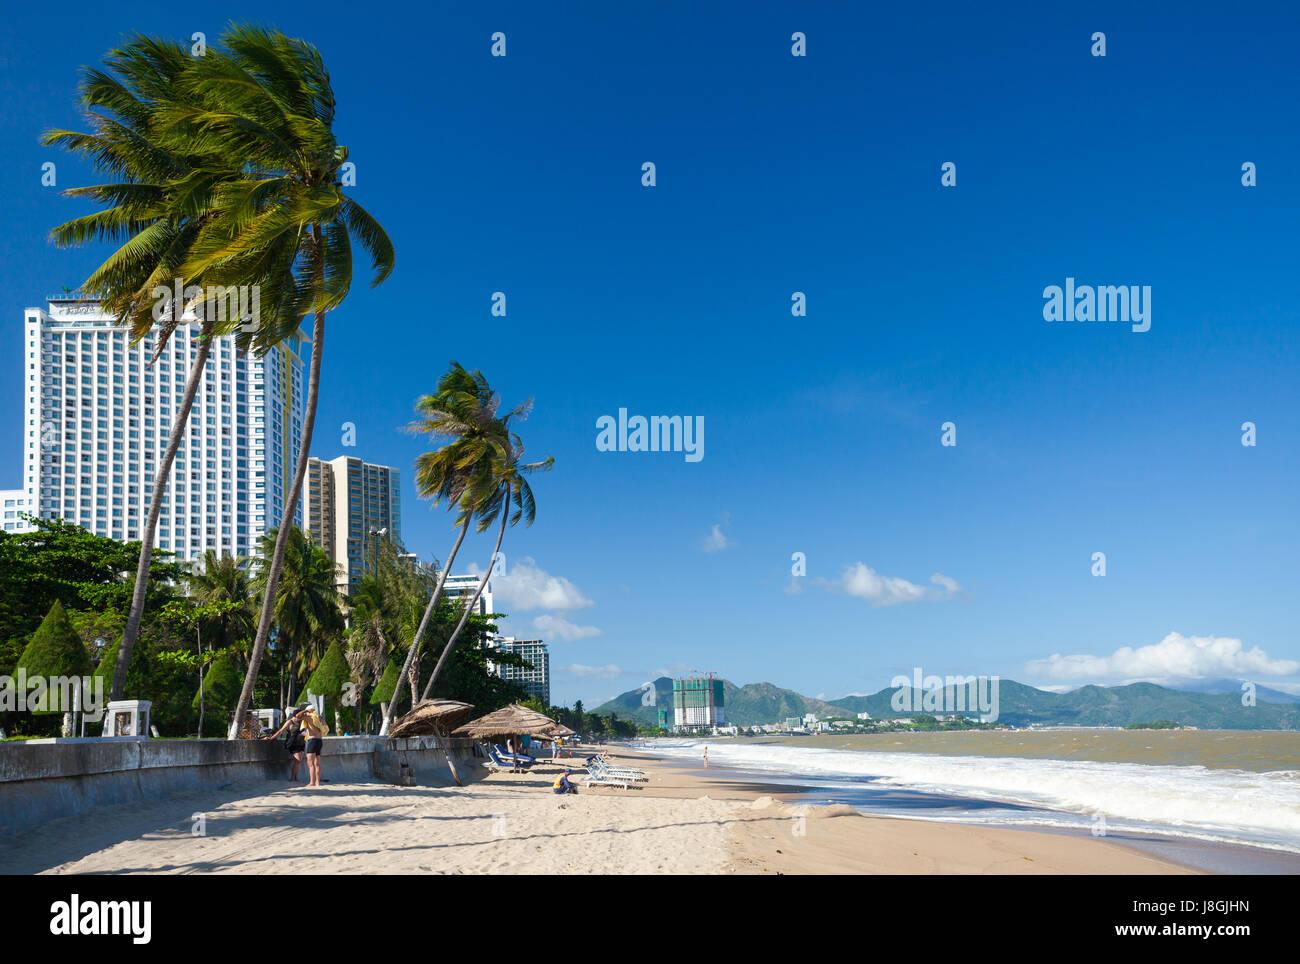 Nha Trang city beach in a sunny day, Nha Trang, Vietnam. - Stock Image